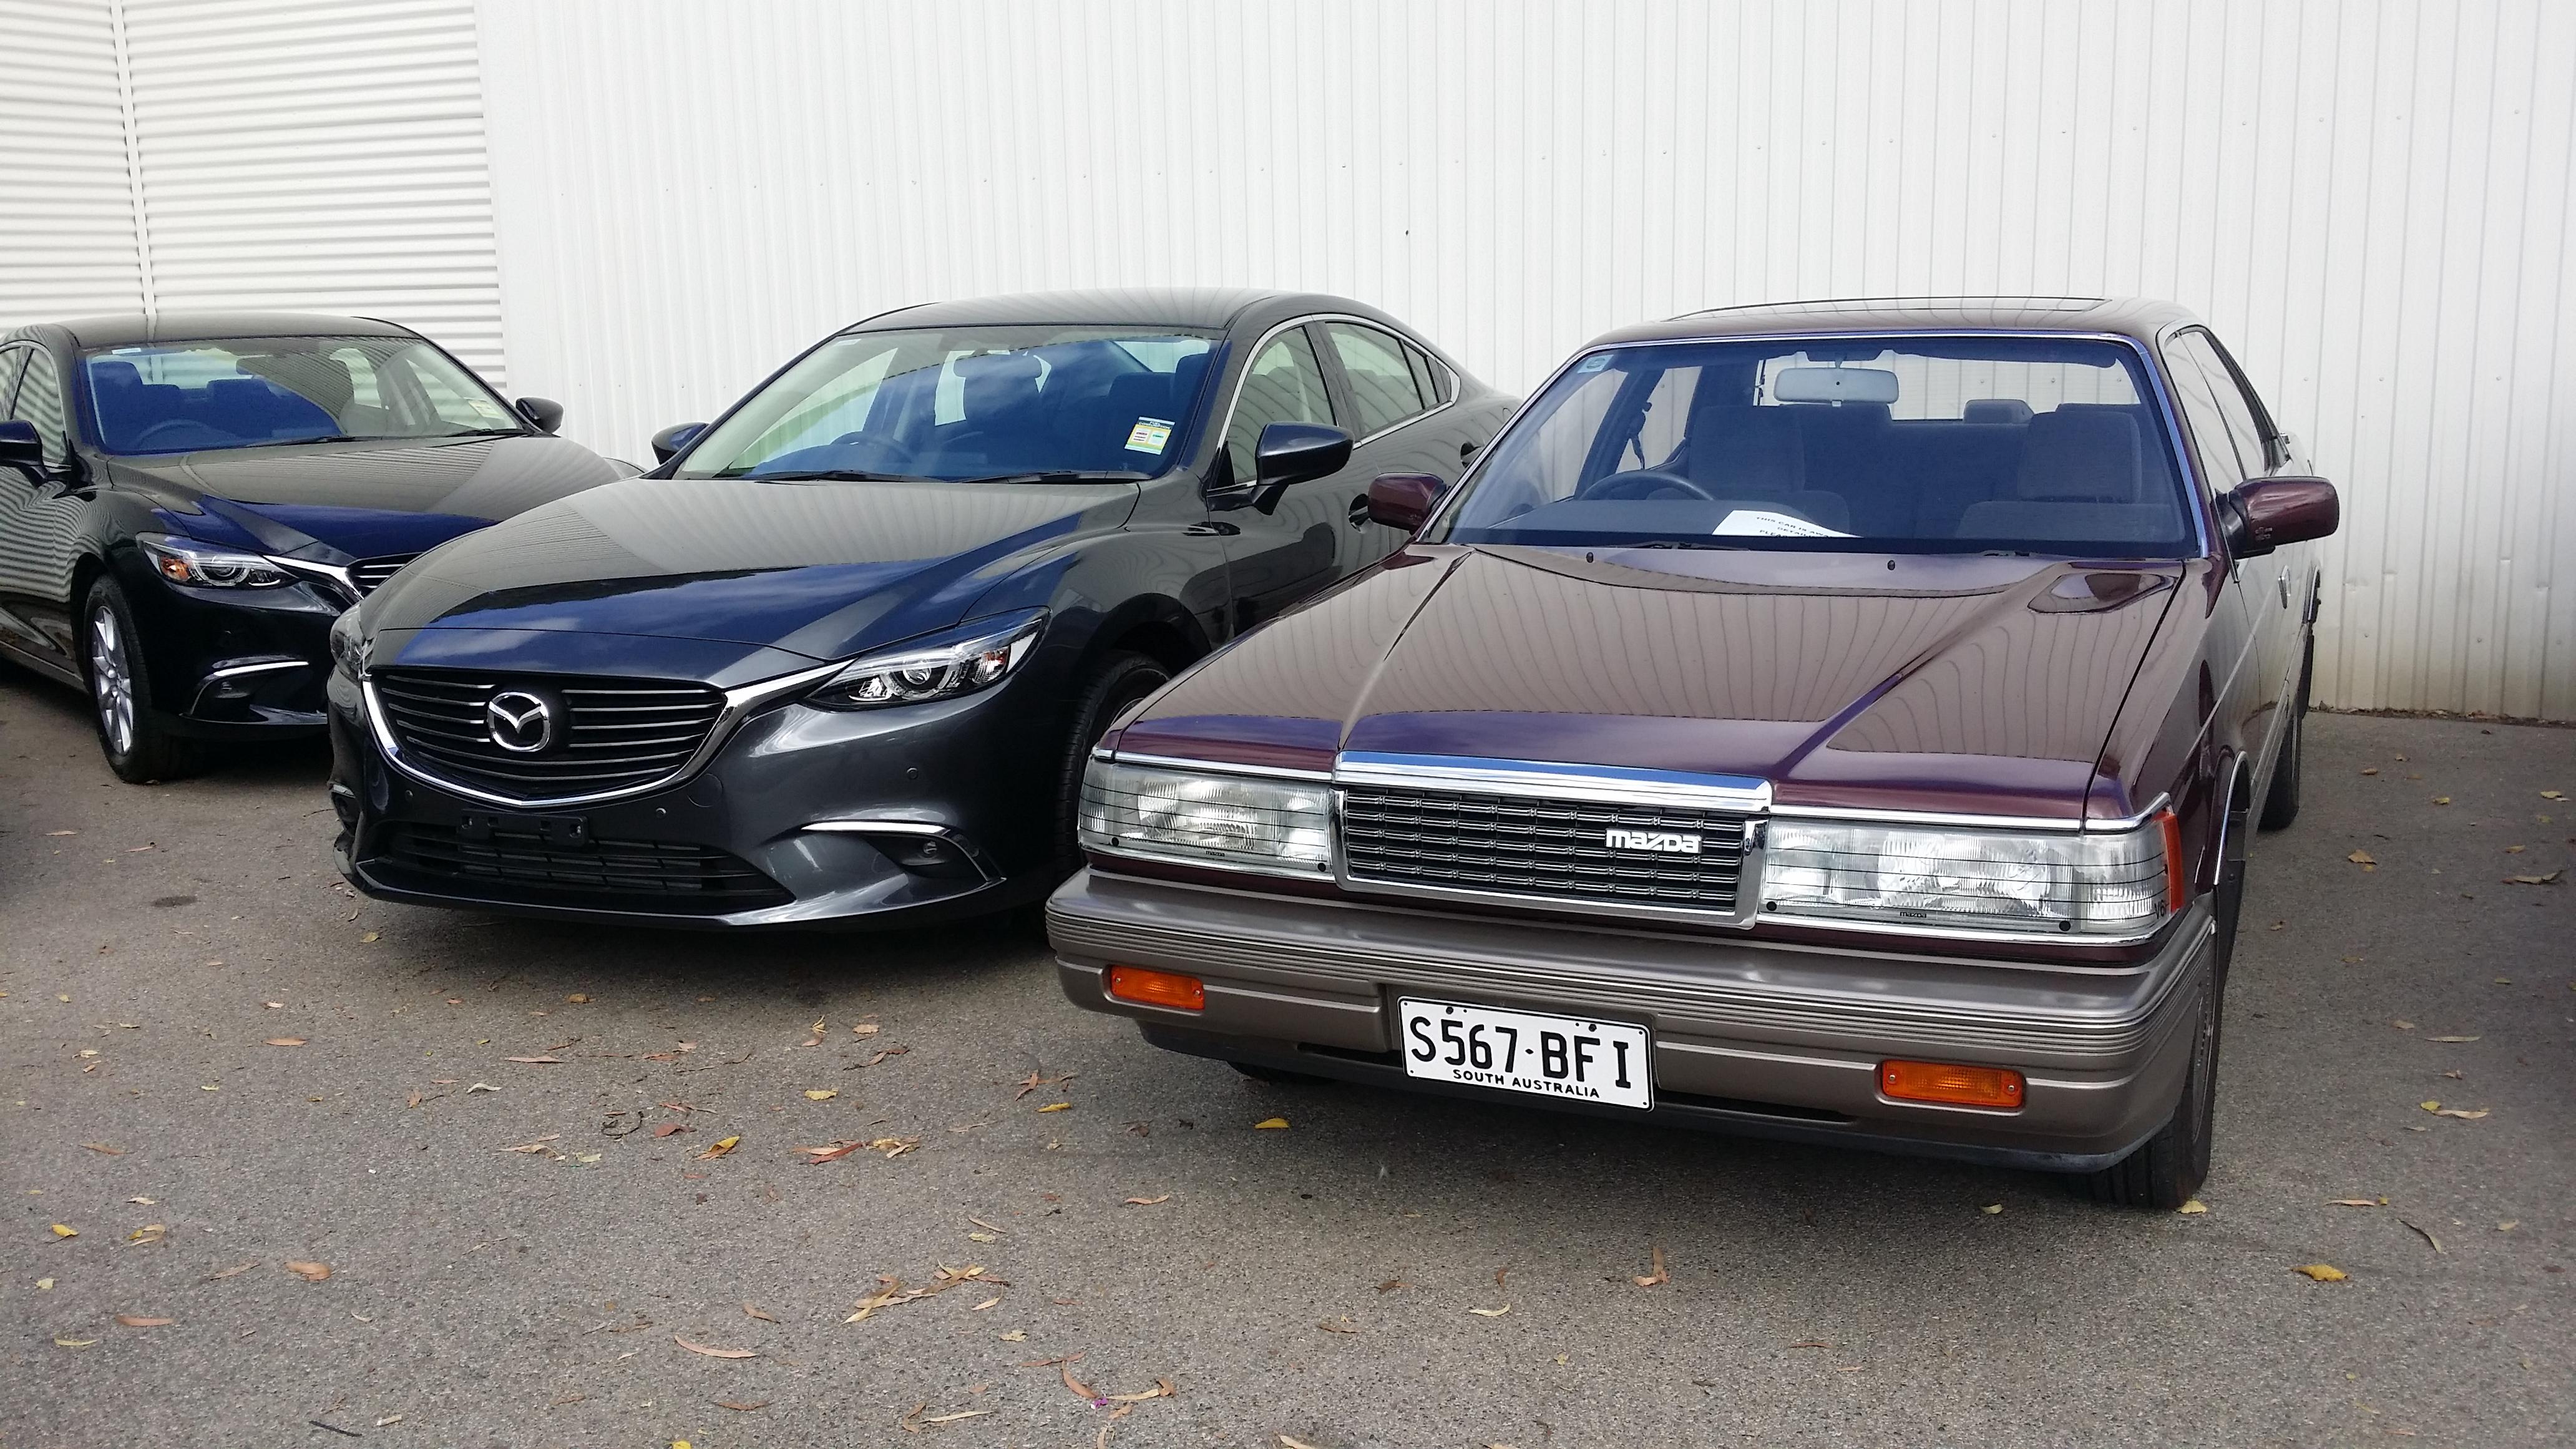 File:2015 Mazda 6 Touring 2.5L V's 1990 Mazda 929 V6i (16651312078).jpg - Wikimedia Commons